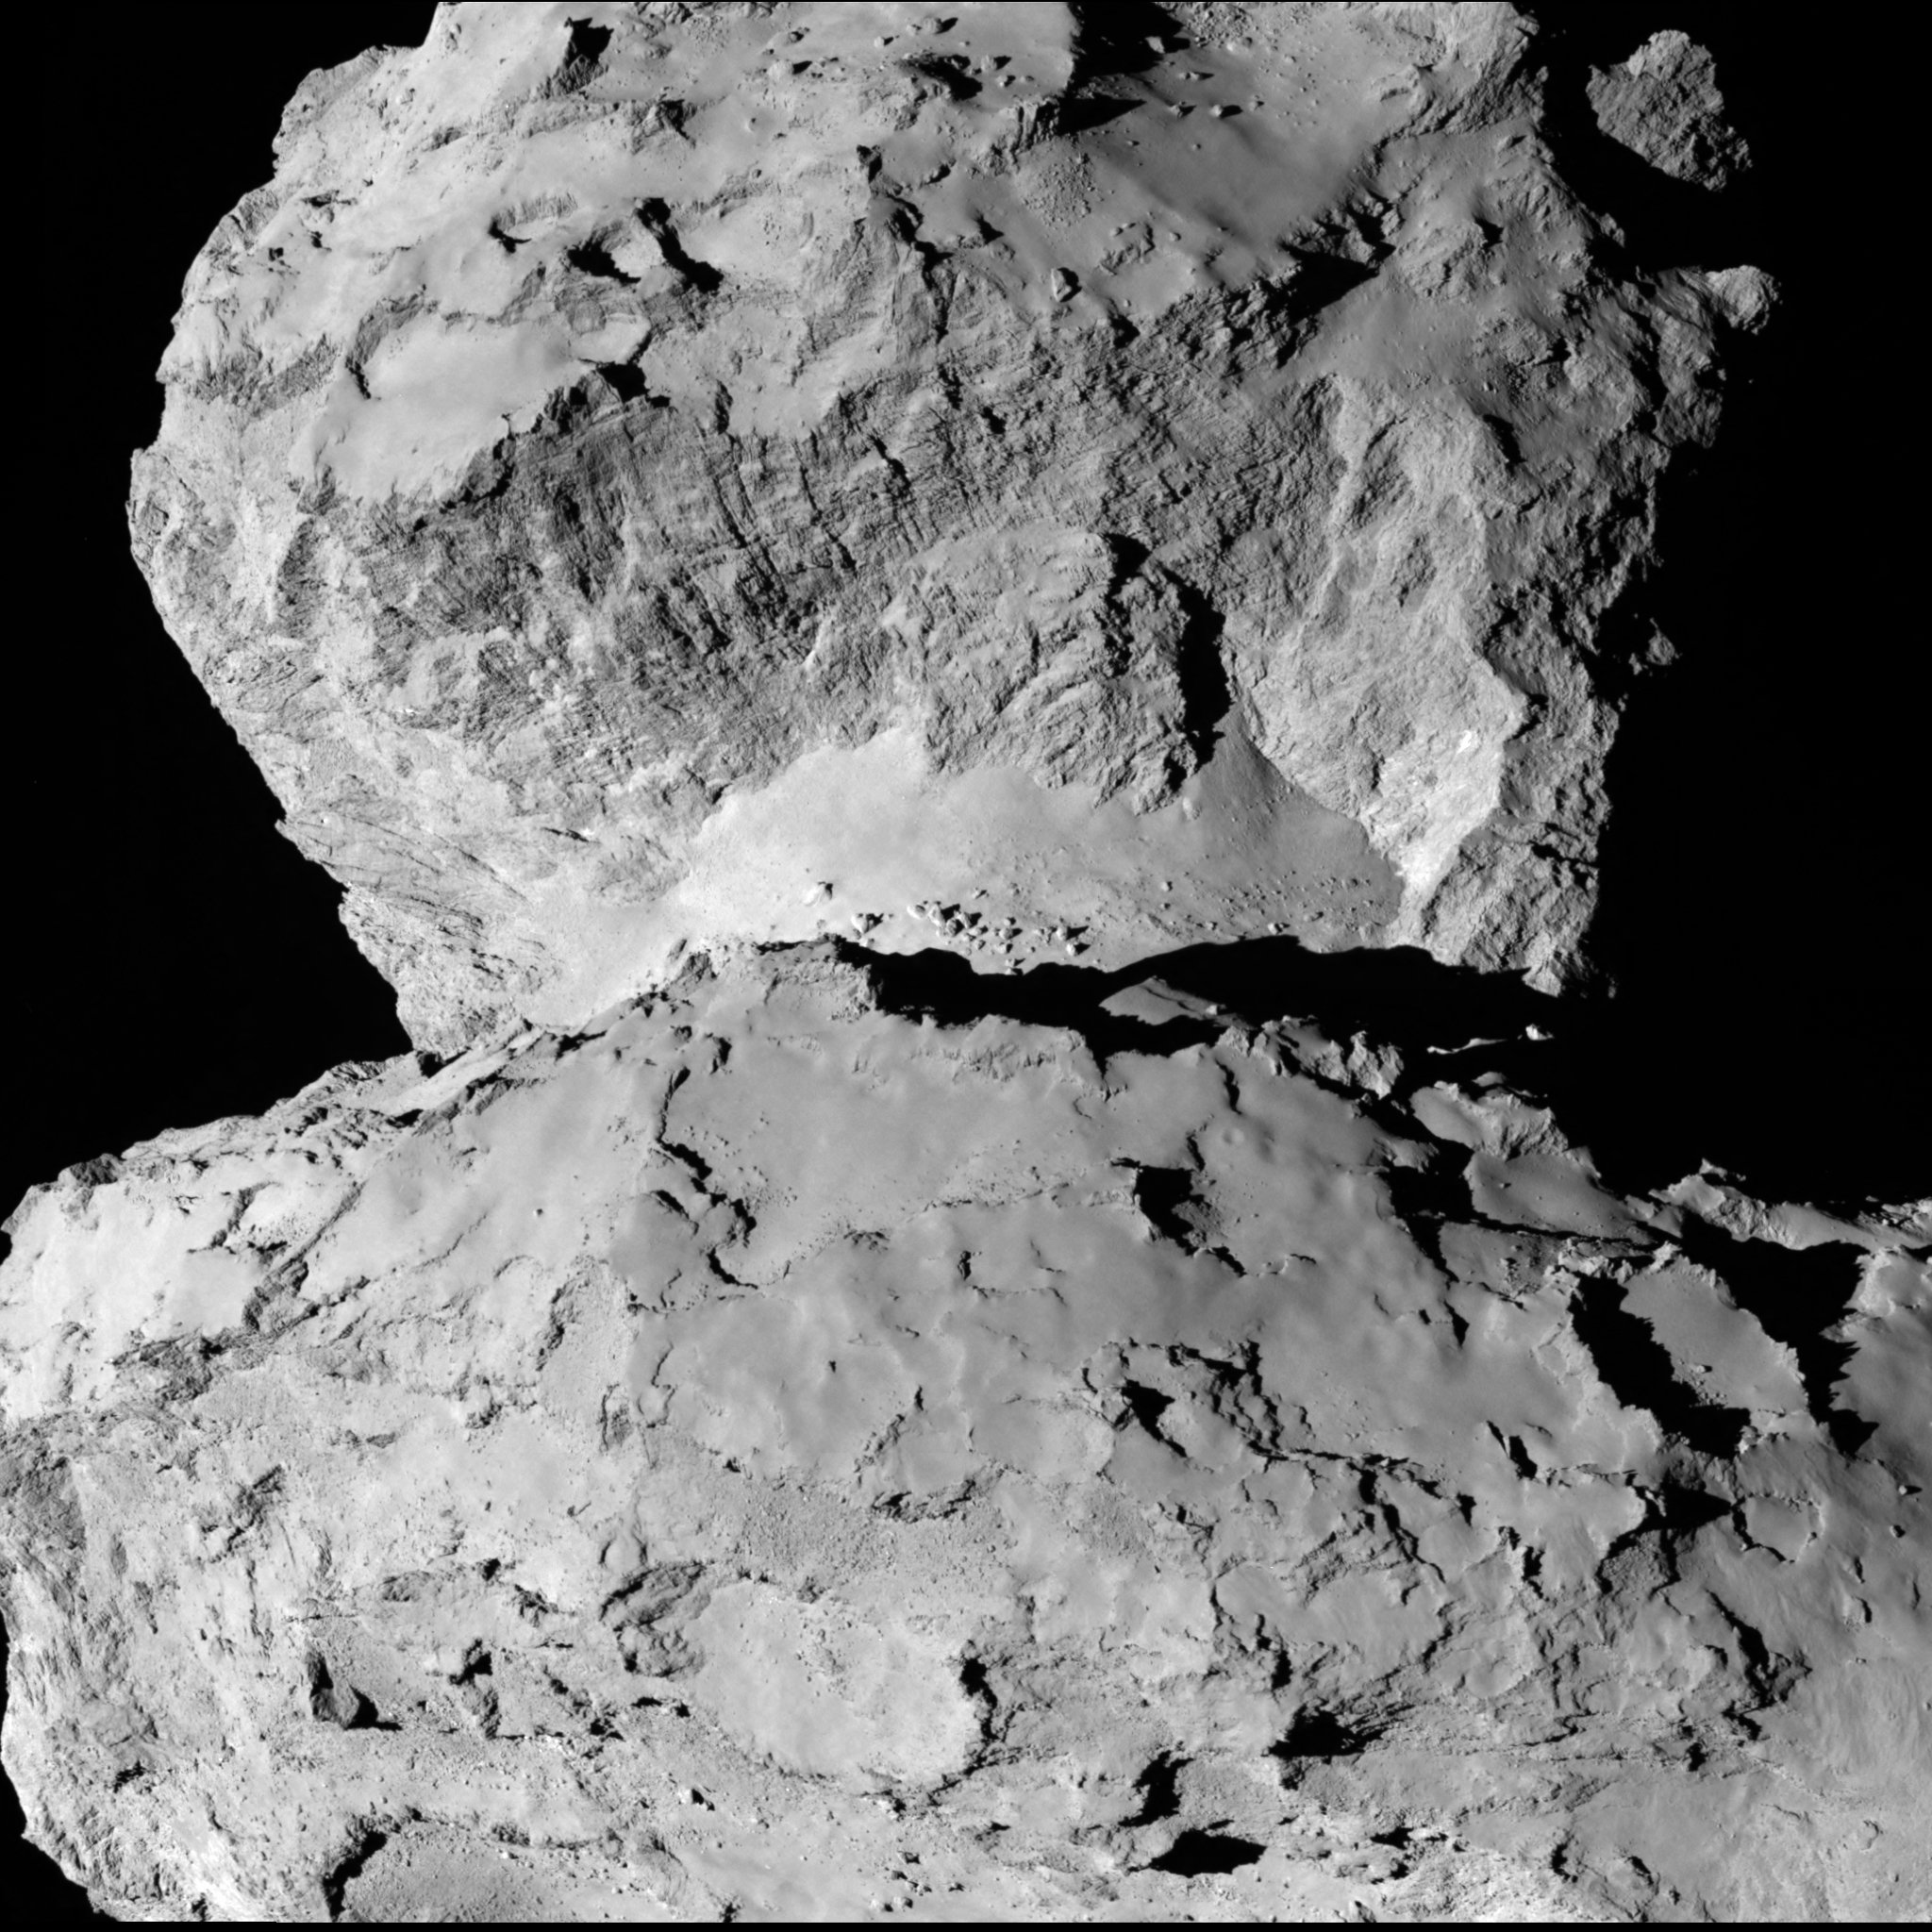 фото кометы чурюмова герасименко самая